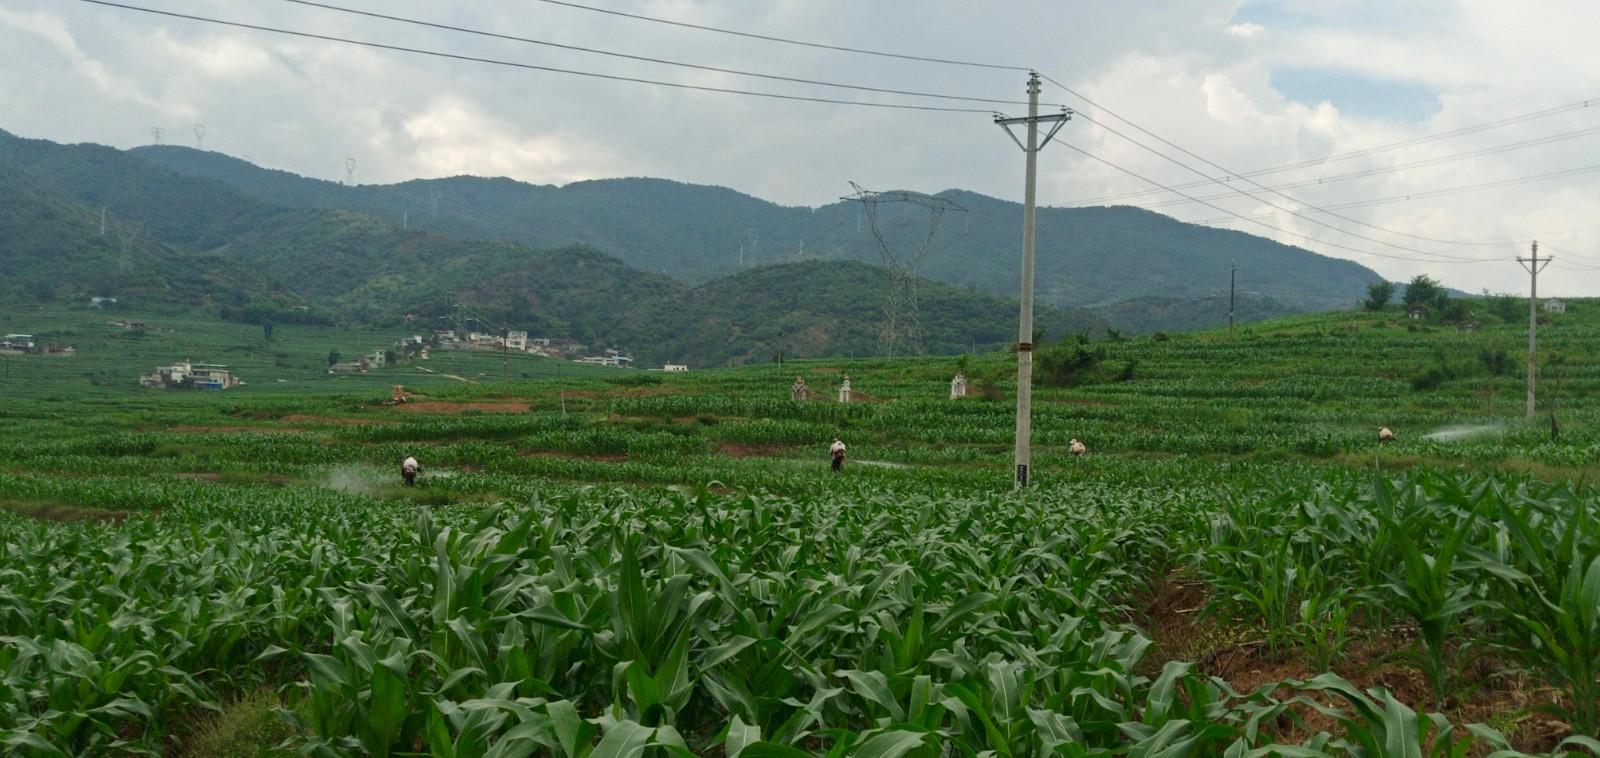 中村乡水稻农作物病虫害统防统治为种田农民撑起保护伞